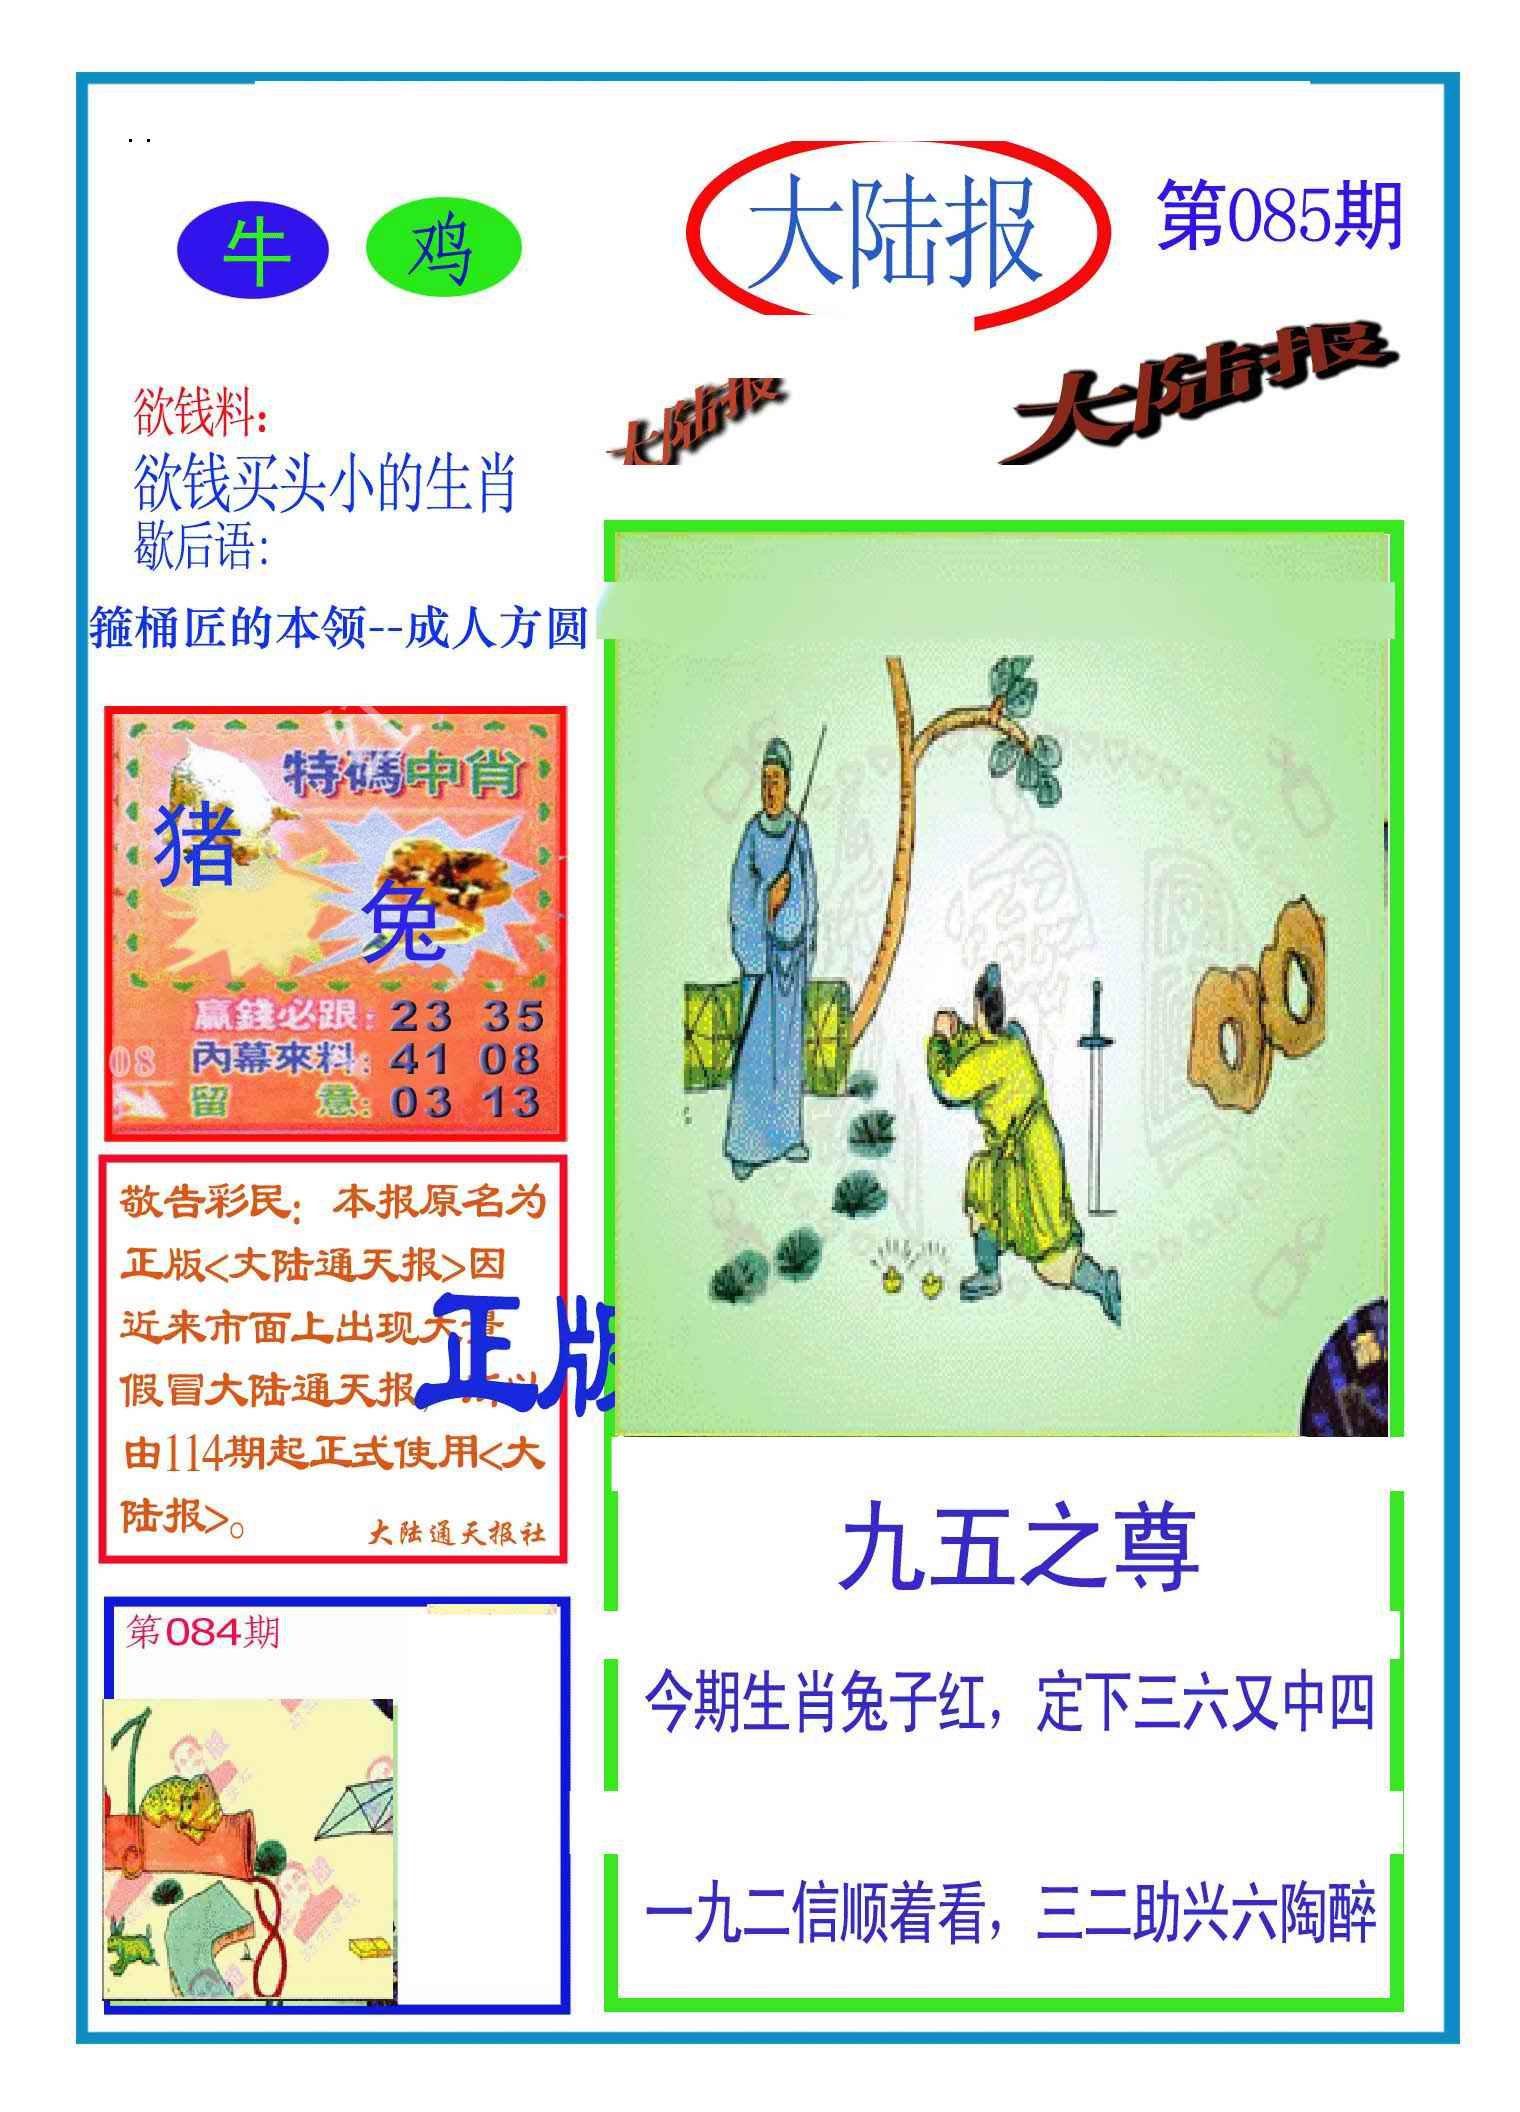 085期大陆报(新图)